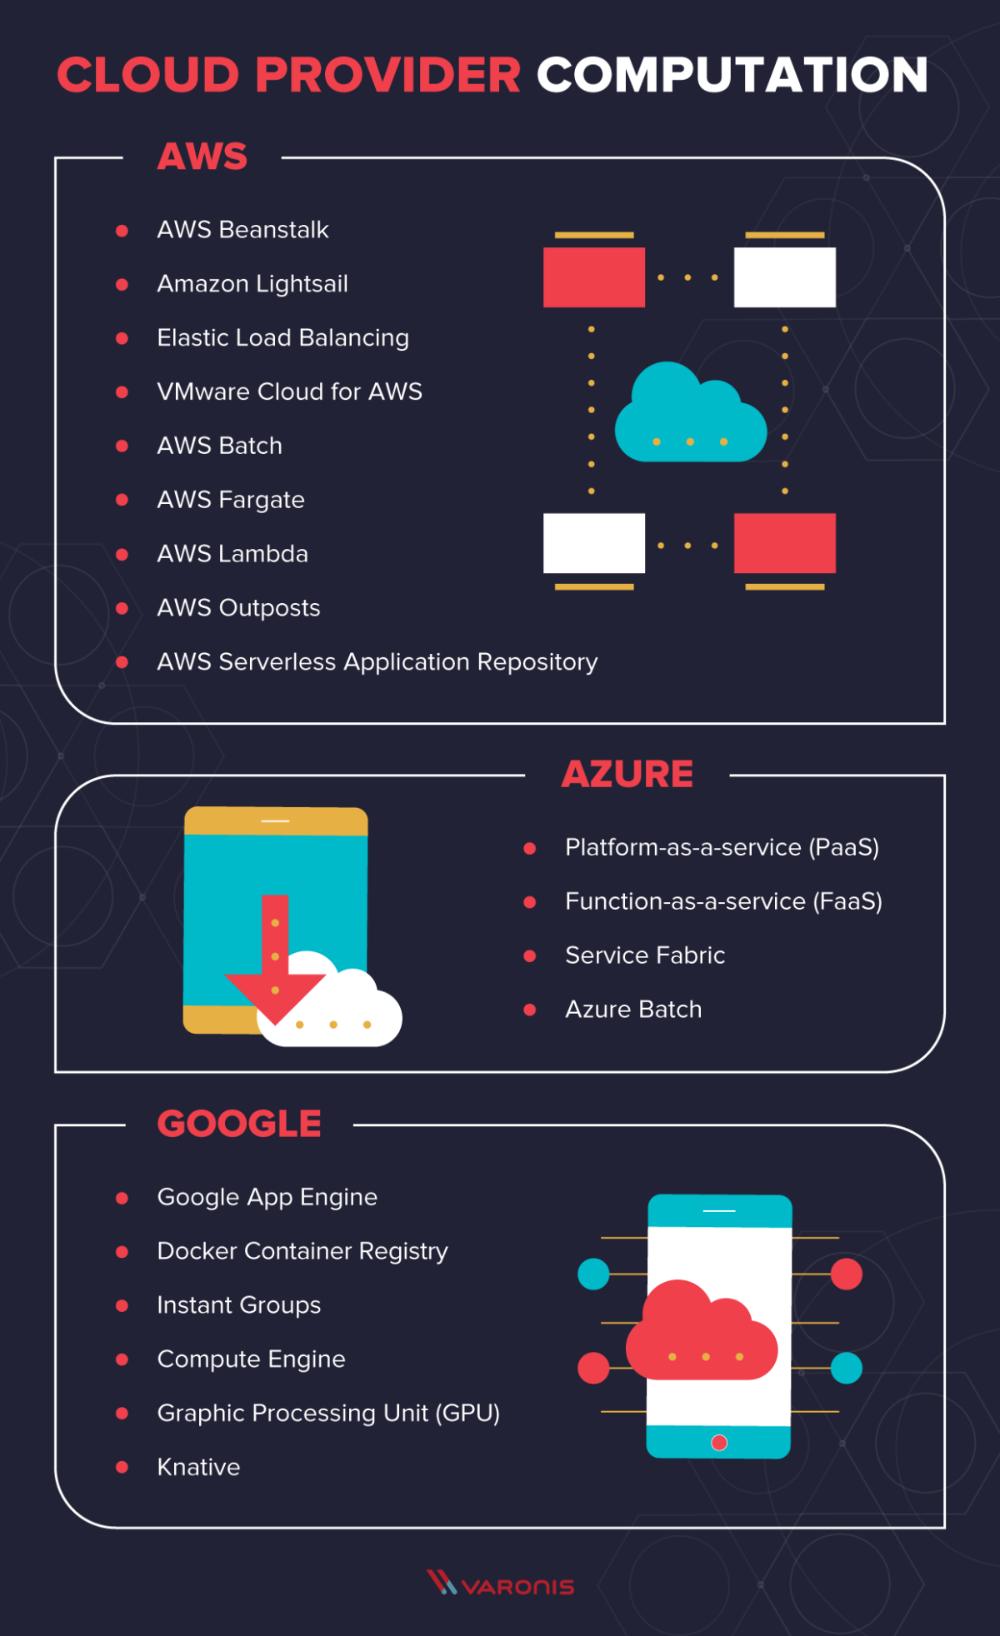 Aws Vs Azure Vs Google Cloud Services Comparison Varonis Aws Vs Azure Vs Google Cloud Computing Services Cloud Computing Technology Cloud Infrastructure